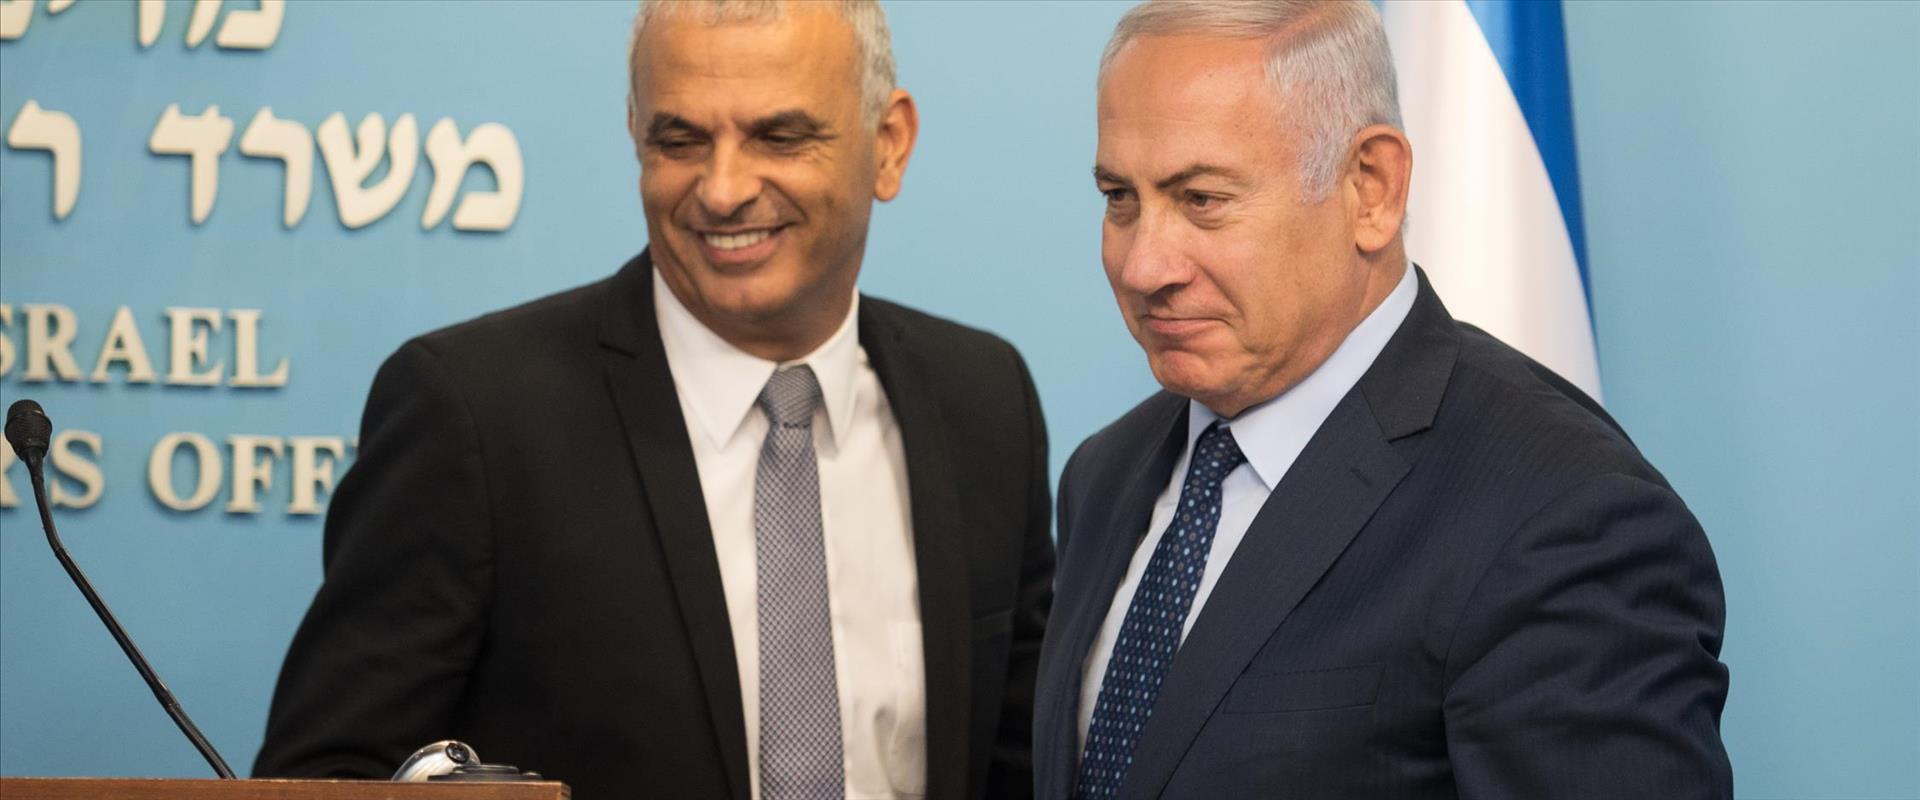 Netanyahu Kahlon